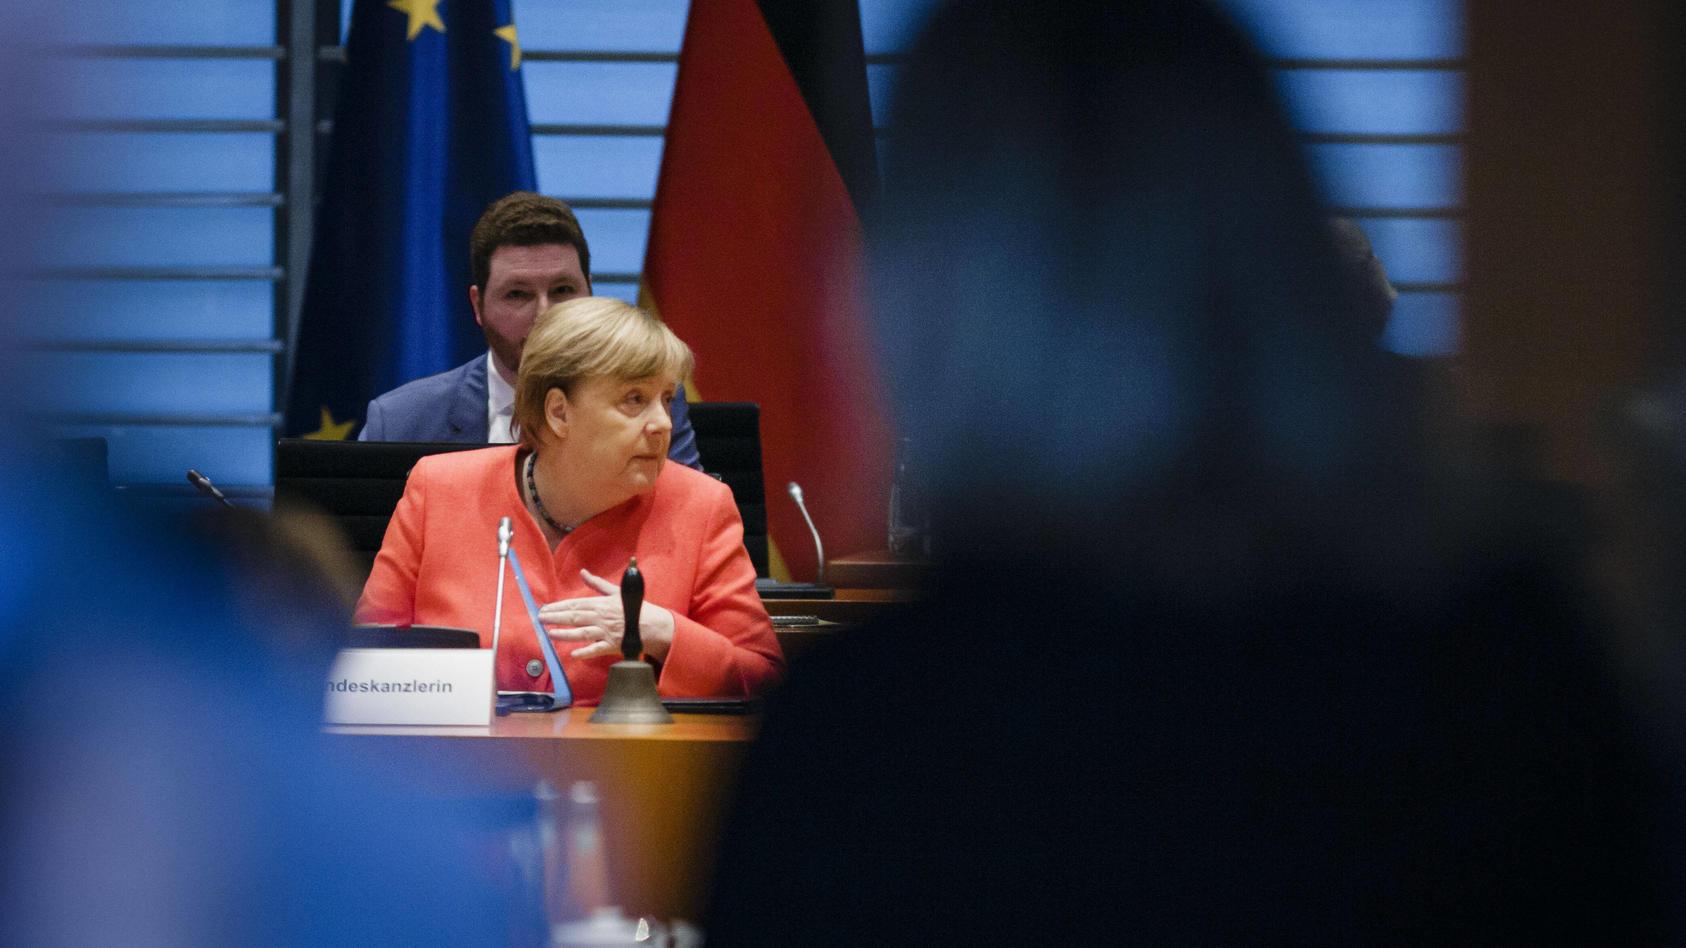 Bundeskanzlerin Angela Merkel, CDU, aufgenommen zu Beginn einer Kabinettsitzung. Berlin, 15.07.2020 Berlin Deutschland